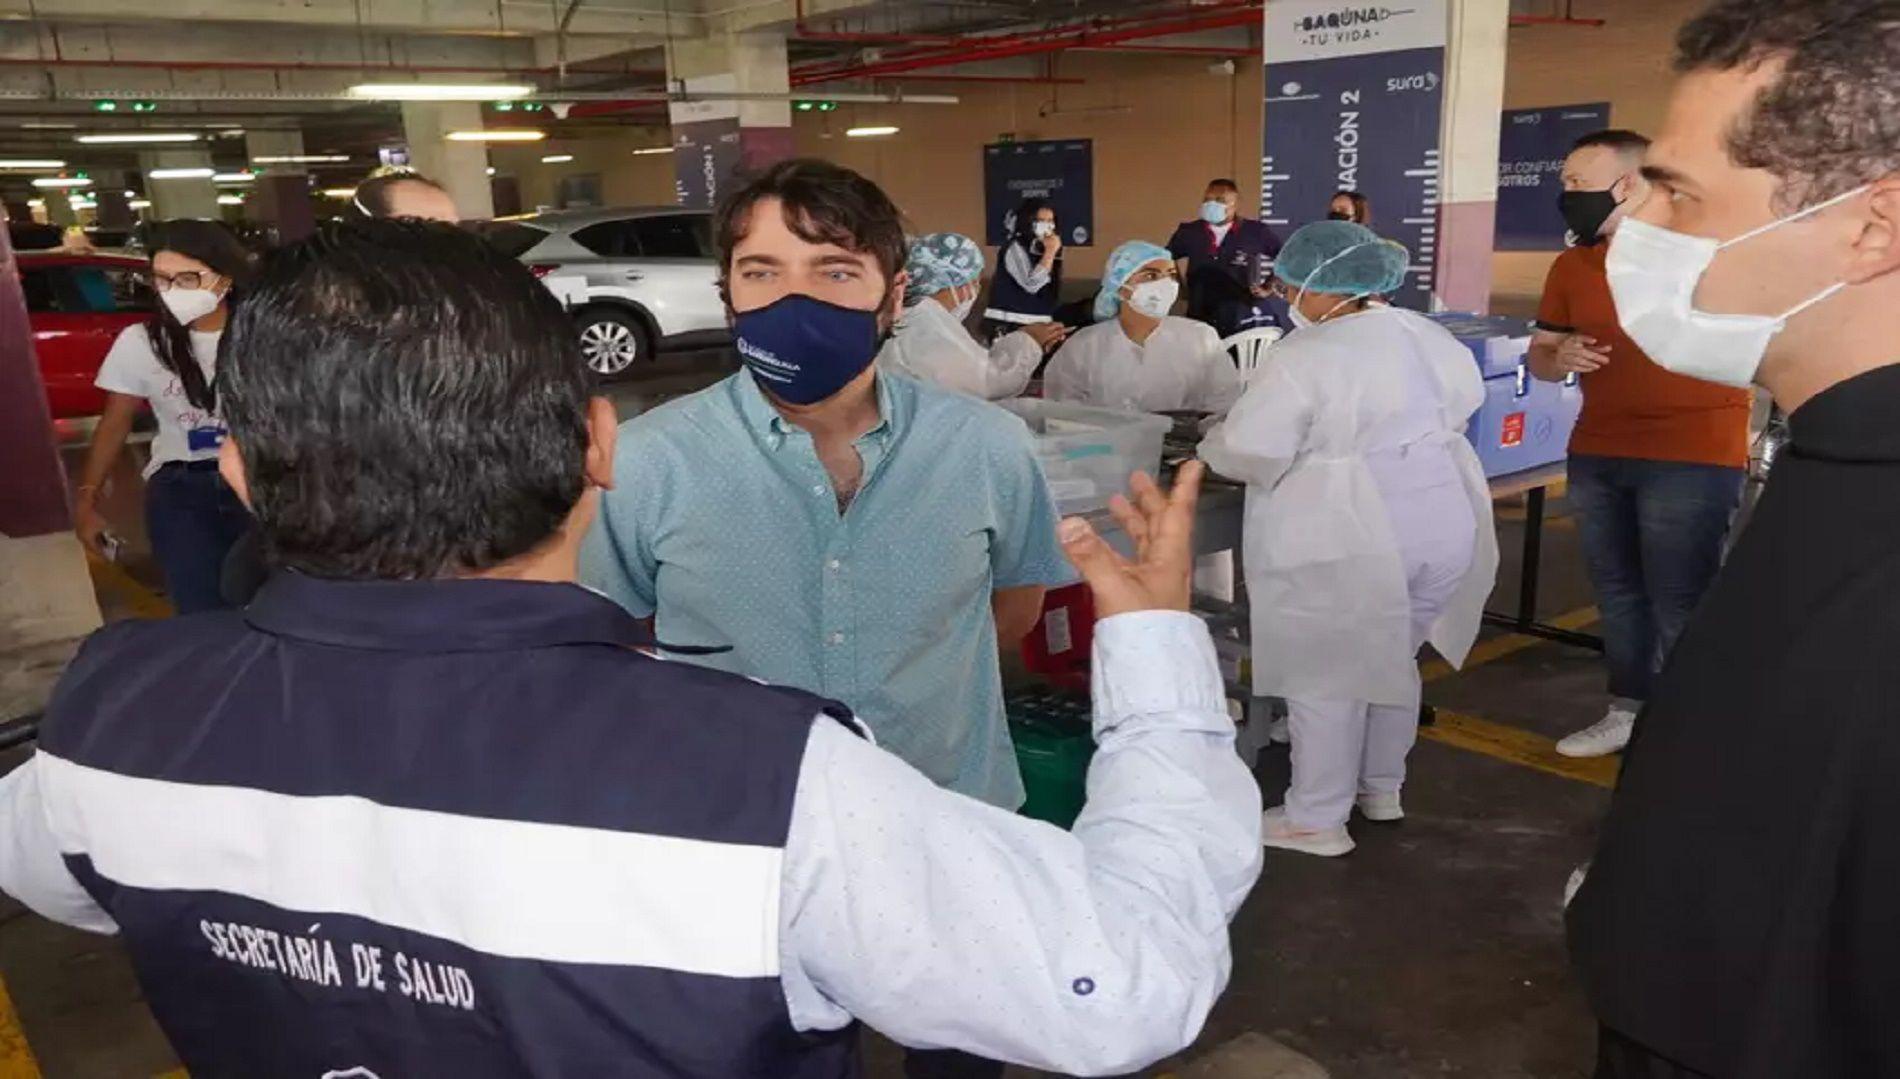 Barranquilla y el Atlántico autorizó el uso de hoteles para descongestionar hospitales. En la imagen: alcalde de la ciudad, Jaime Pumarejo.